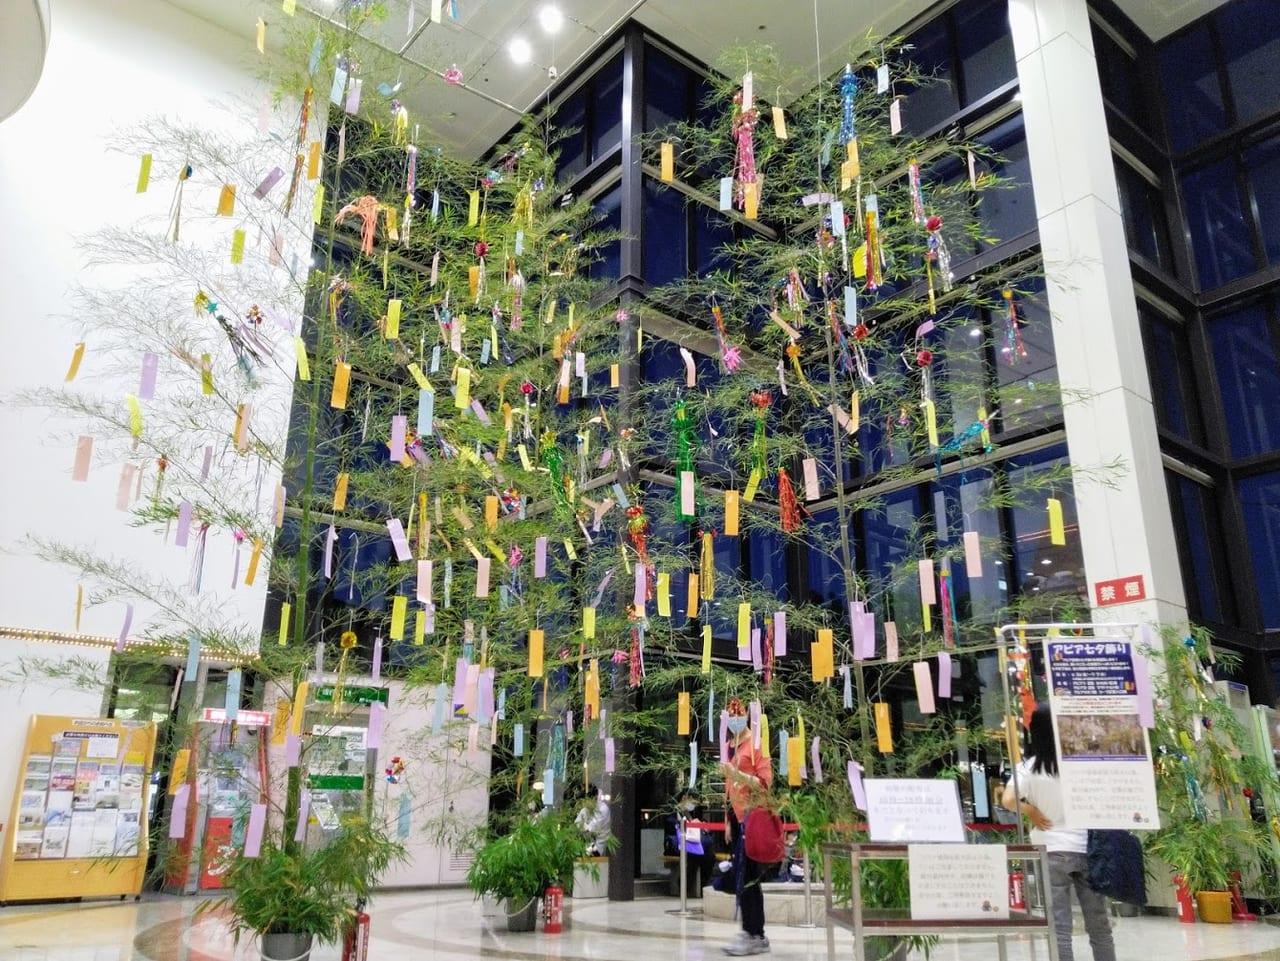 アピアの七夕飾りは伊和志津神社に奉納されます